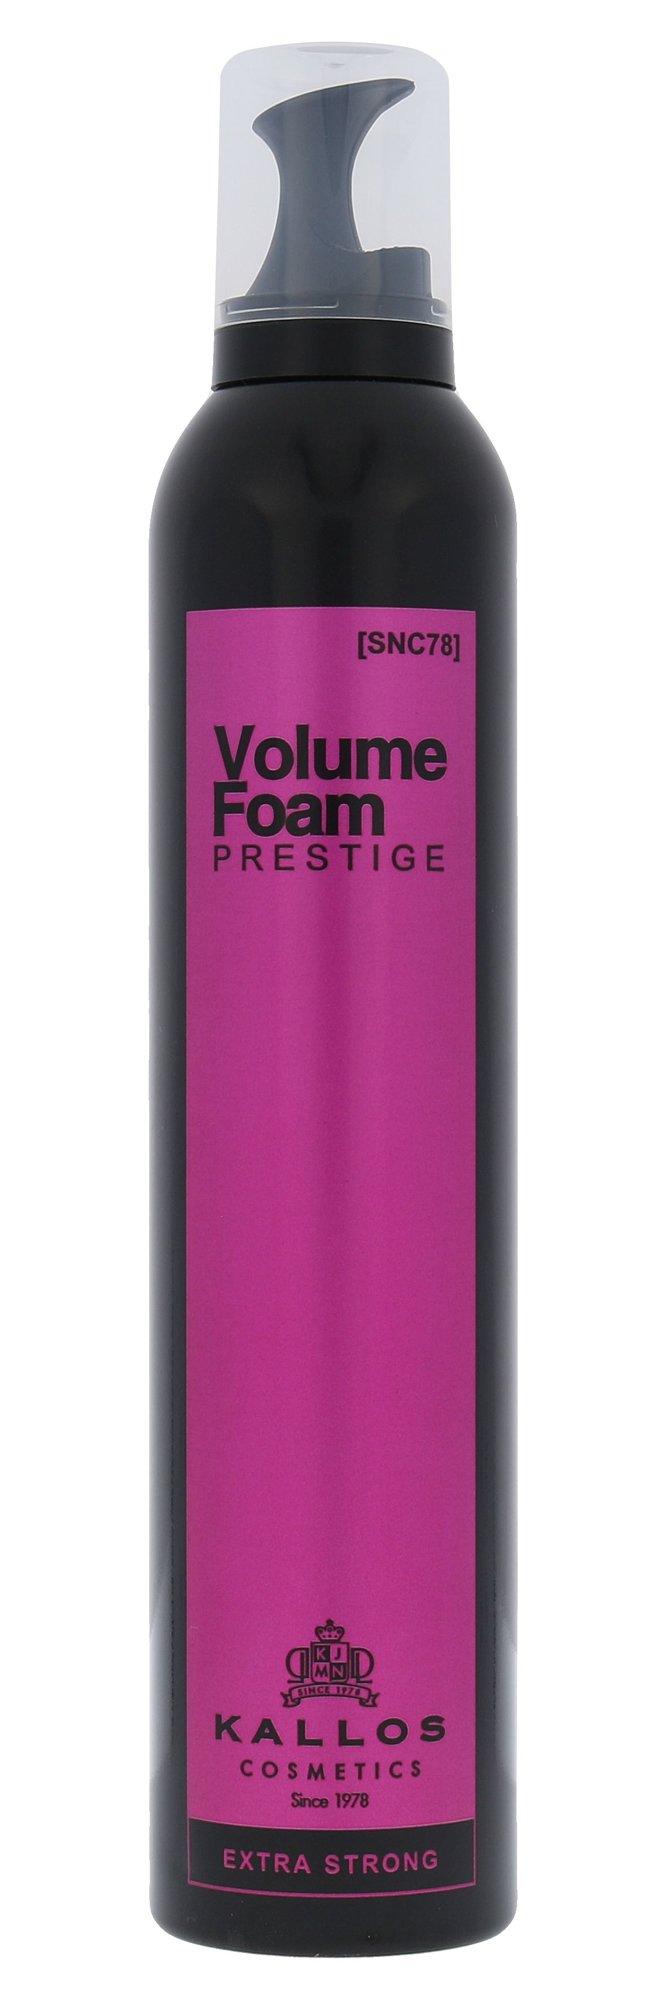 Plaukų modeliavimo priemonė Kallos Cosmetics Prestige